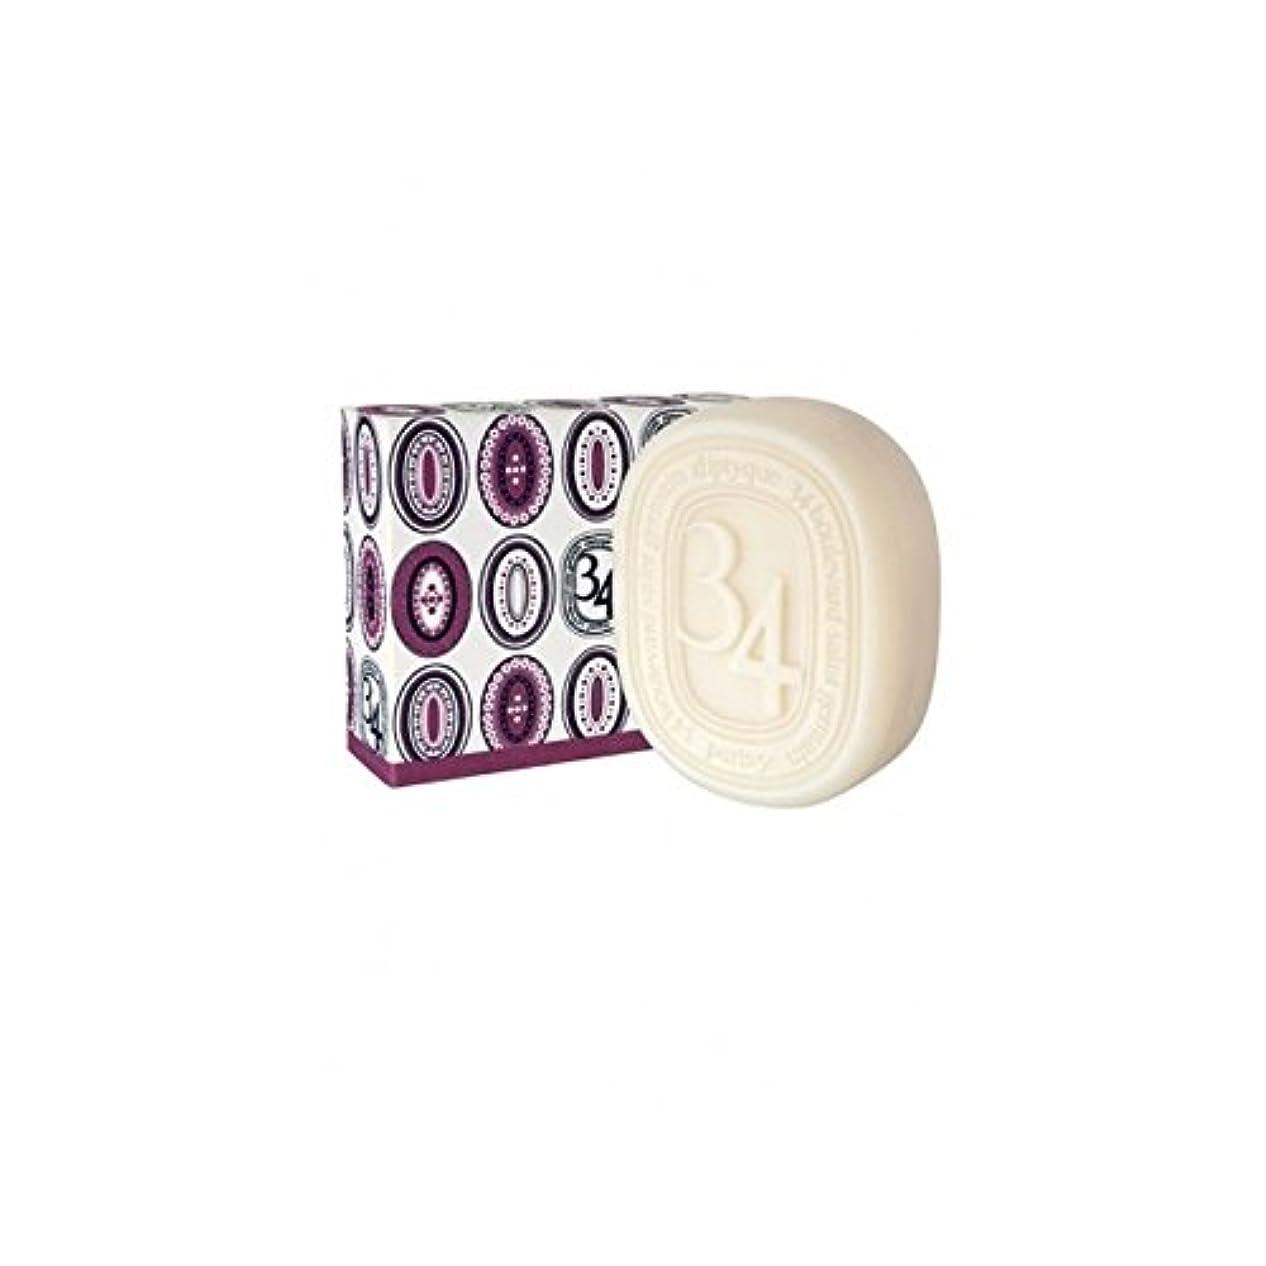 水平天国コメントDiptyqueコレクション34大通りサンジェルマン石鹸100グラム - Diptyque Collection 34 Boulevard Saint Germain Soap 100g (Diptyque) [並行輸入品]